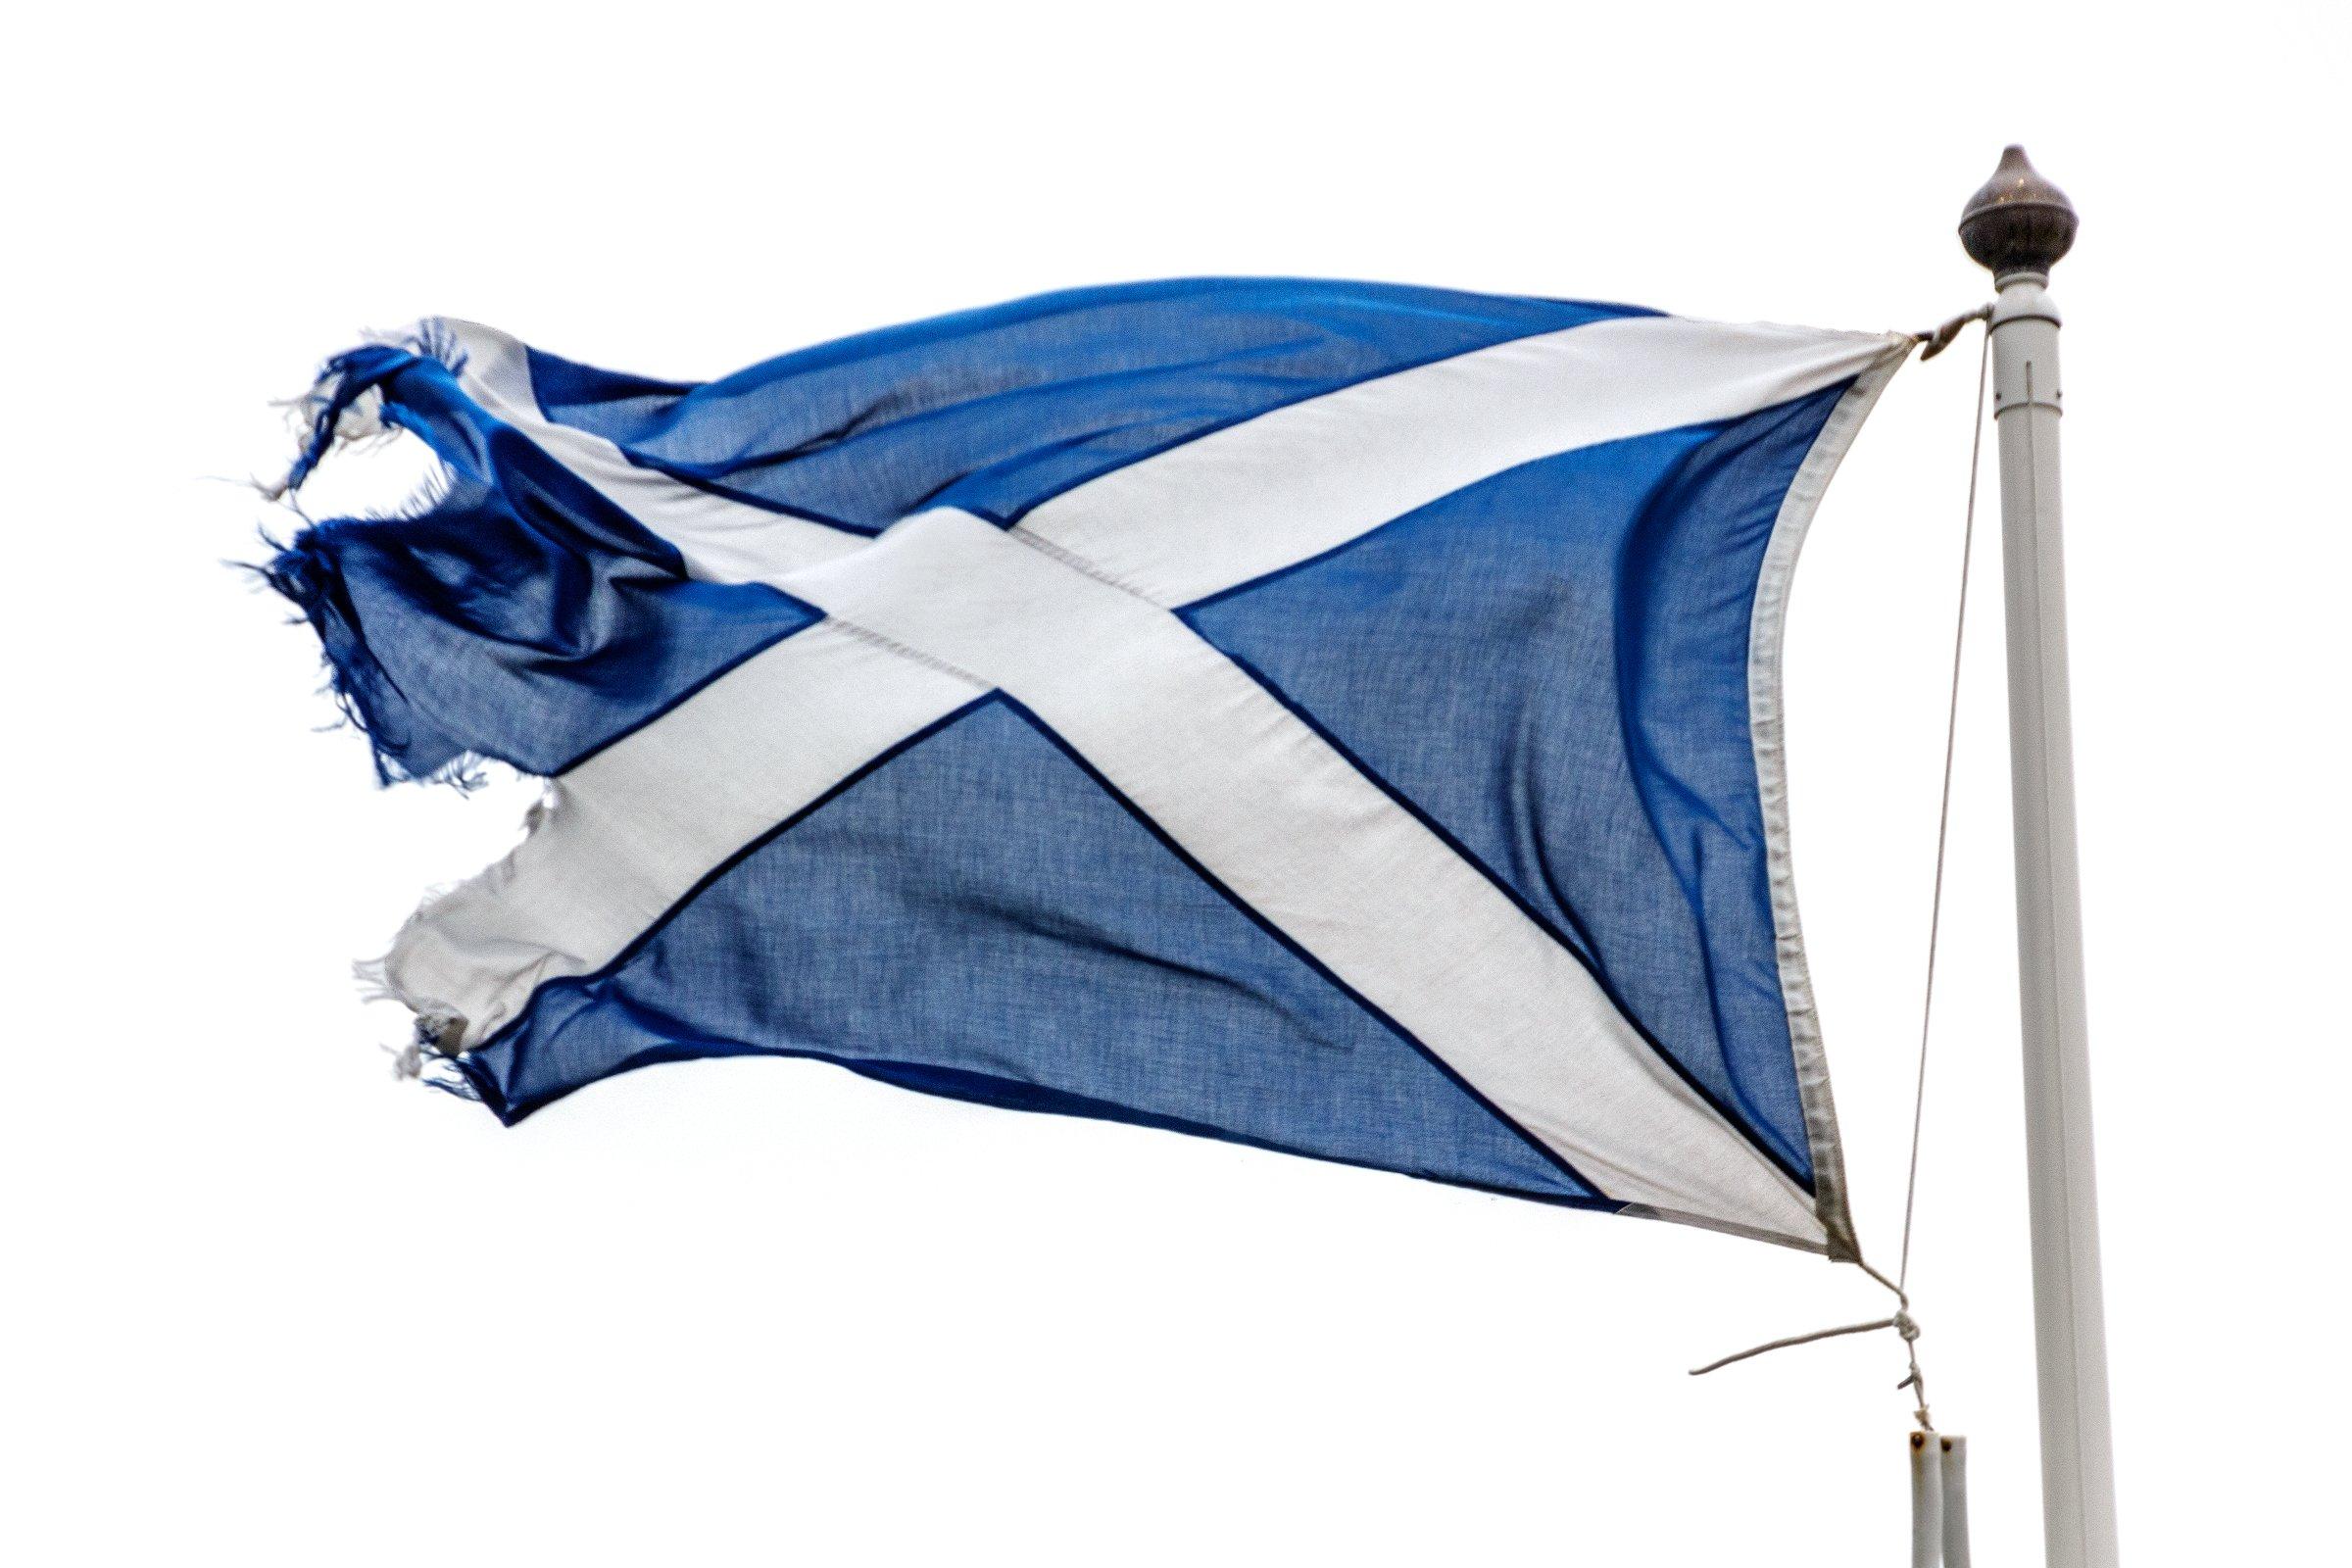 Scozia: A Dream Come True!